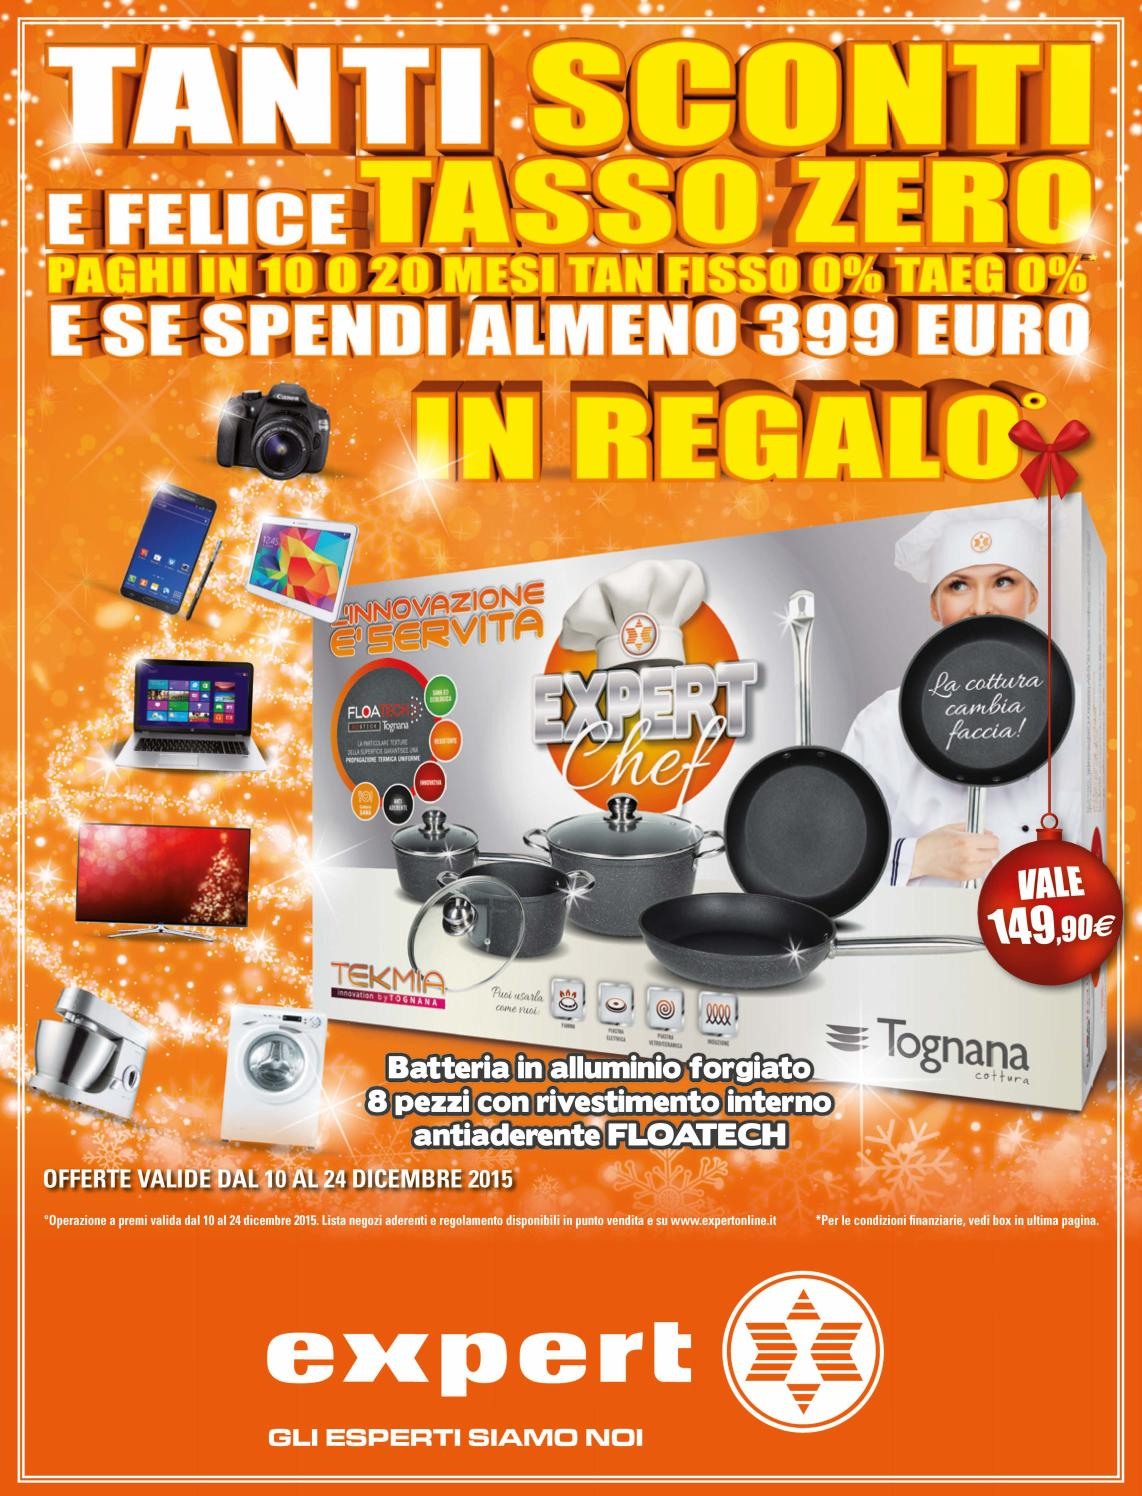 Buoni regalo amazon 10 euro for Offerta buoni regalo amazon